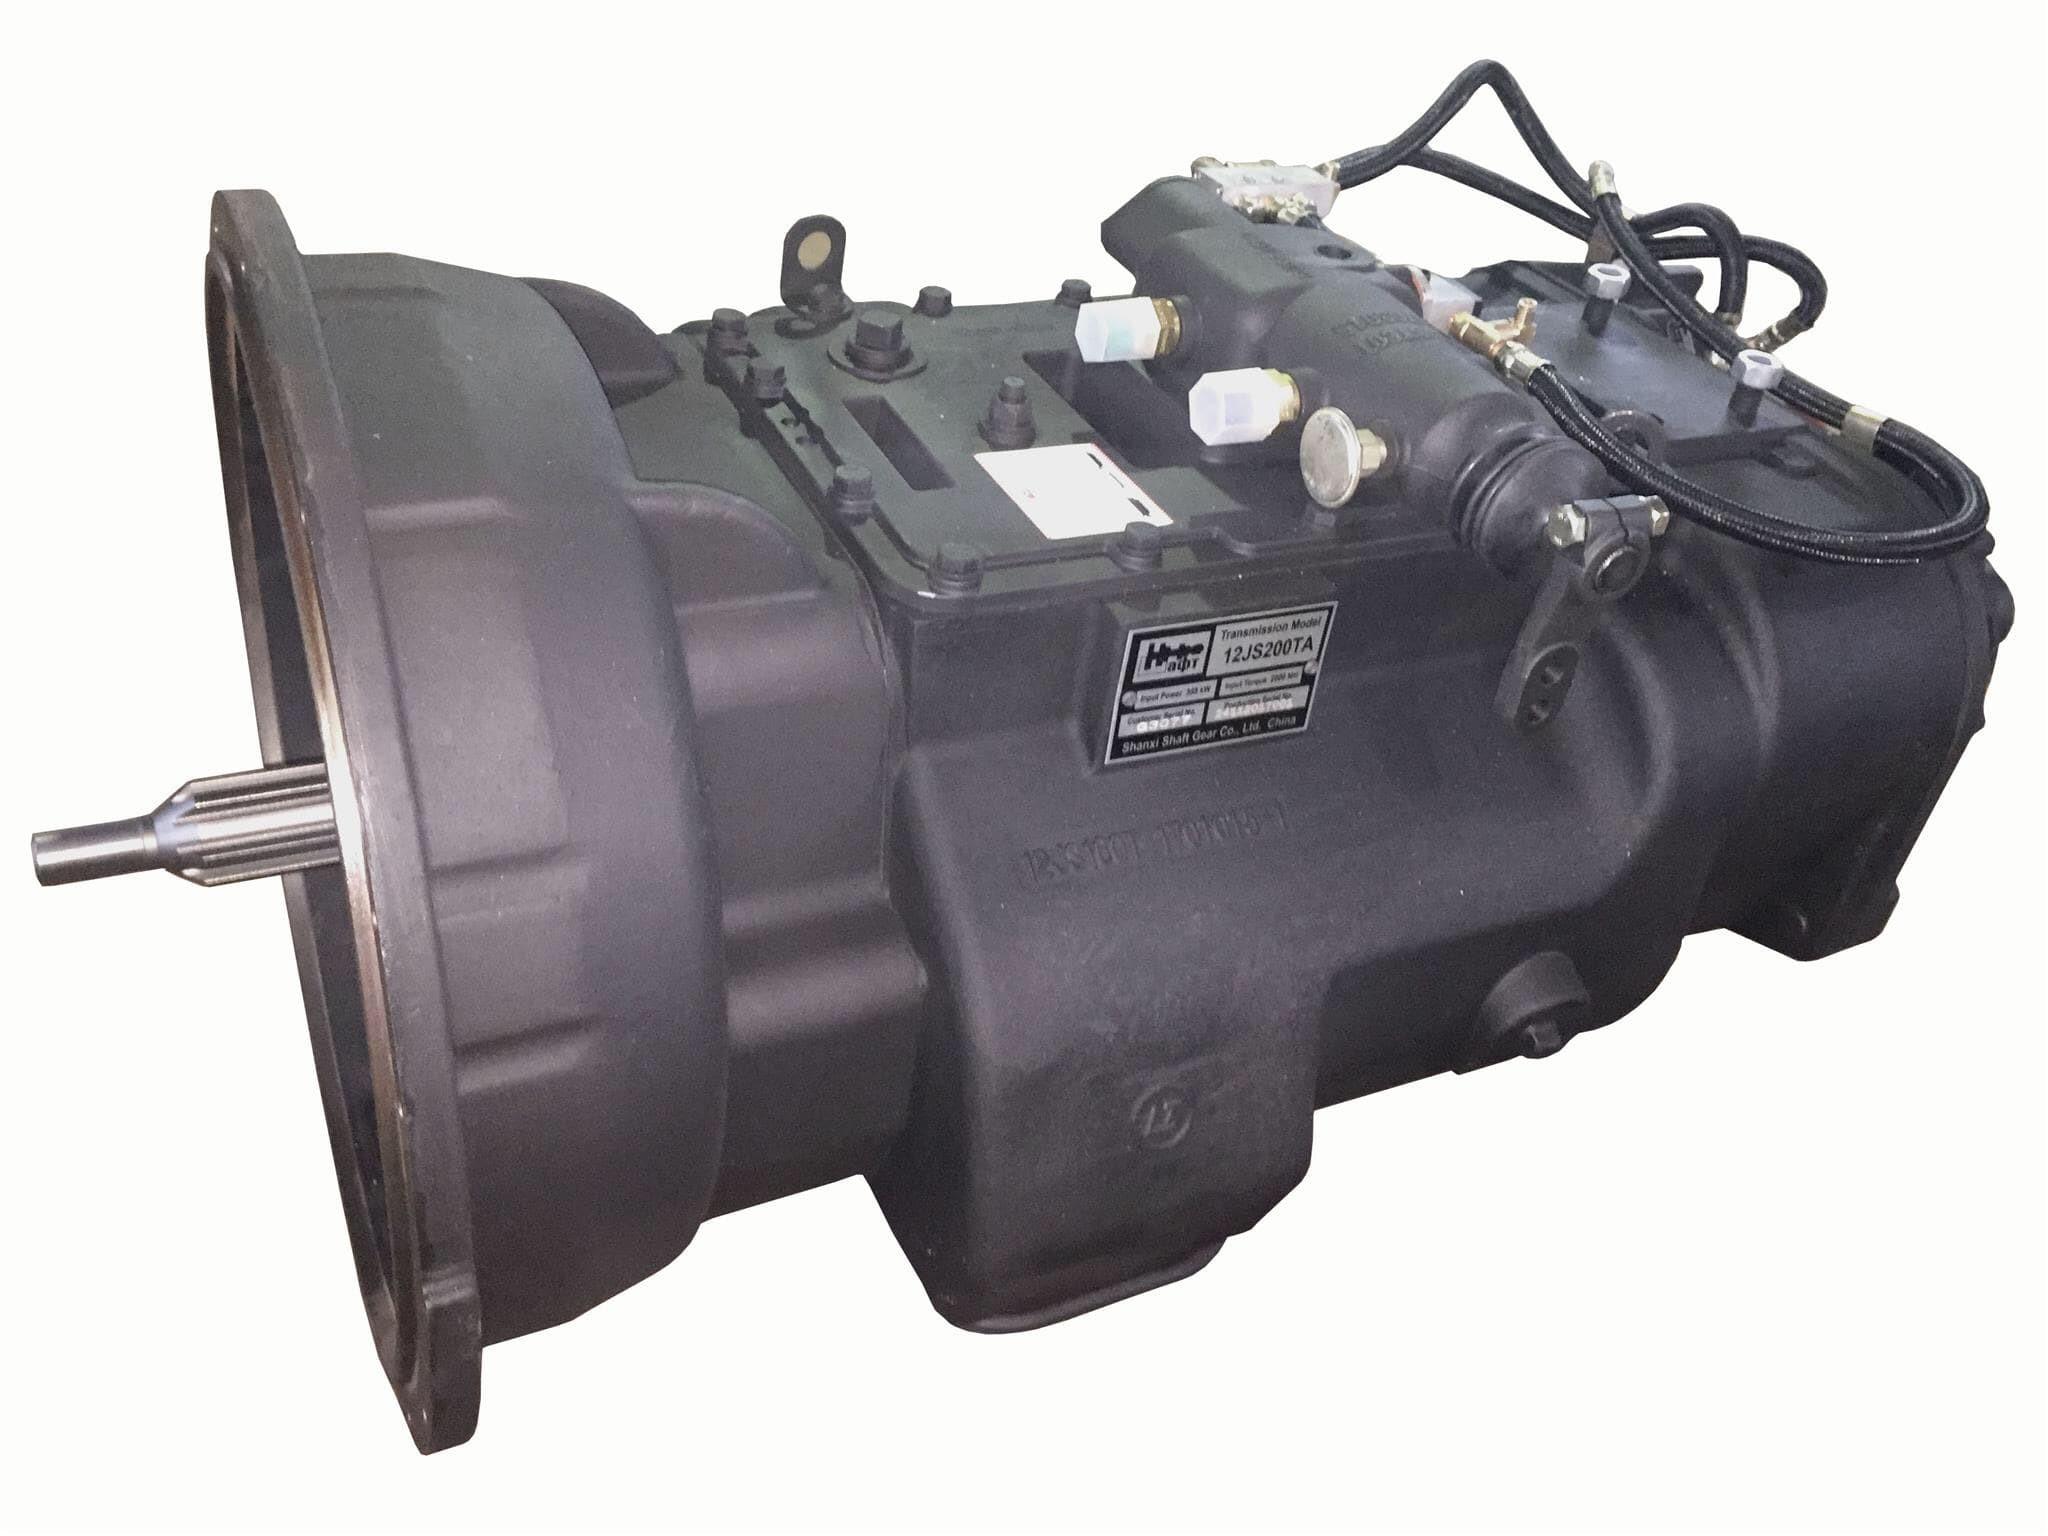 В наличии КПП в сборе с ГМП на фронтальный погрузчик Lonking CDM855 и погрузчики XCMG